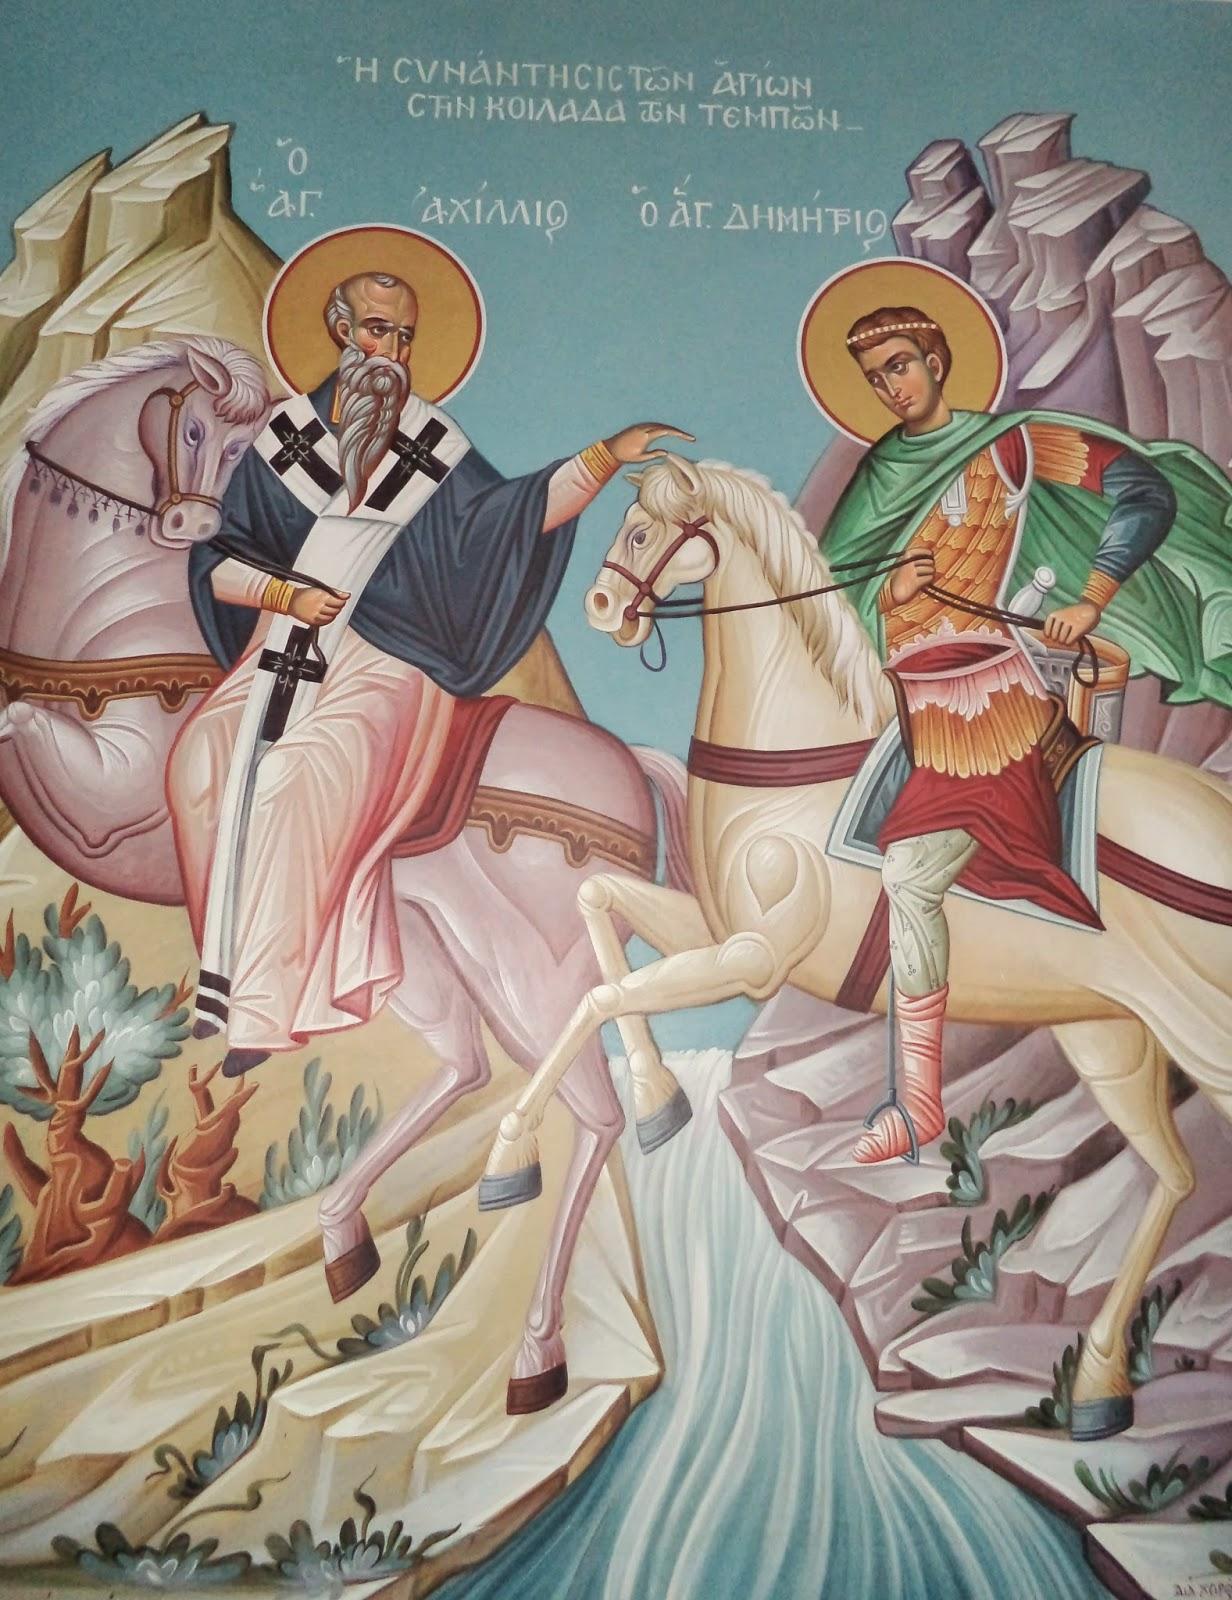 Η συνάντηση του Αγίου Δημητρίου και του Αγίου Αχιλλίου στα Τέμπη